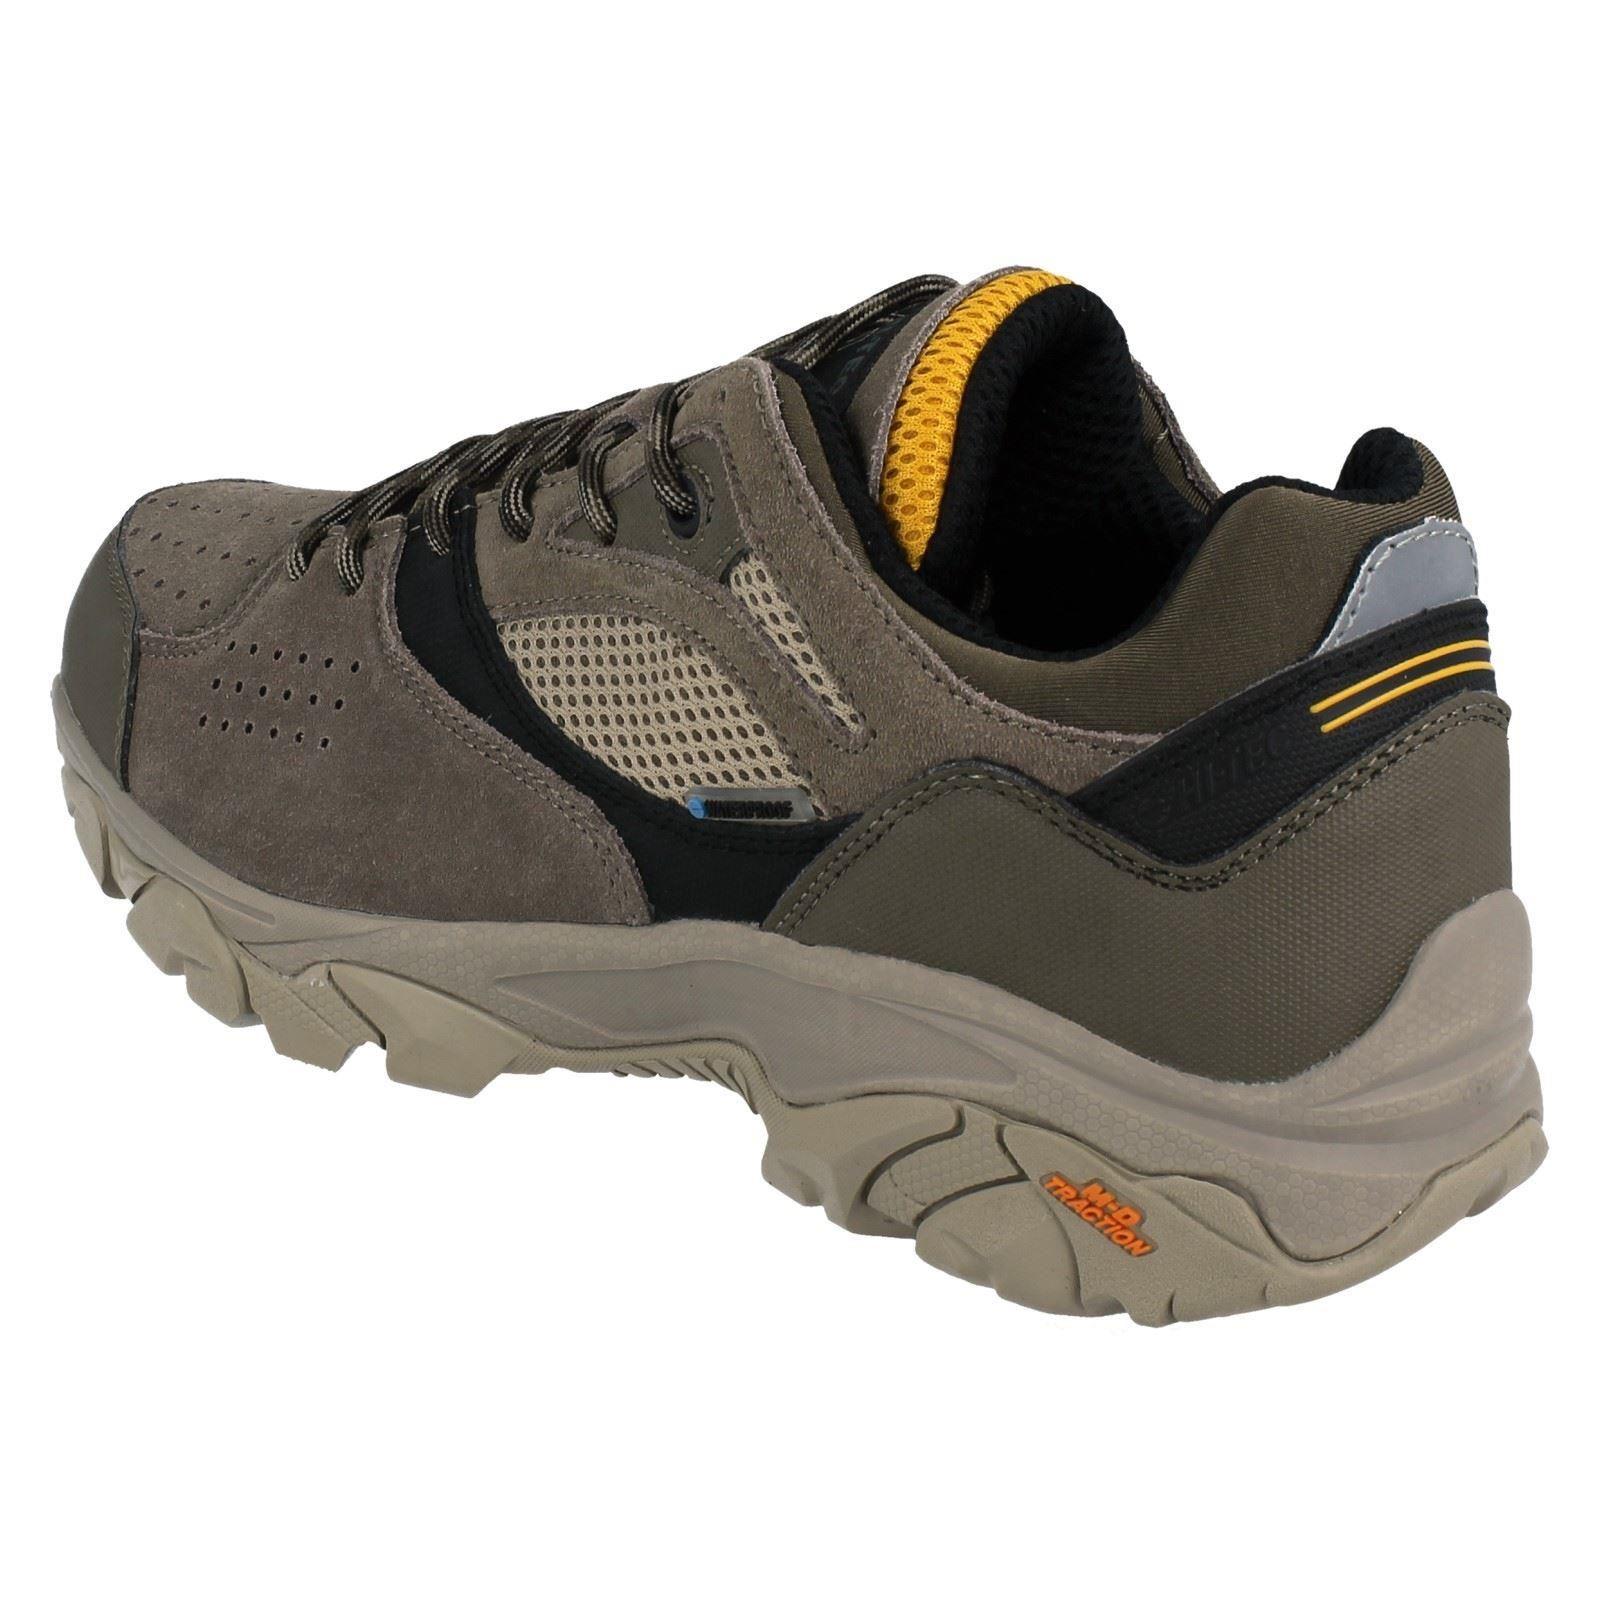 Hombre Hi Tec Cordones Impermeable Nouveau Traccion Bajo Wp Caminar Zapatos Ebay